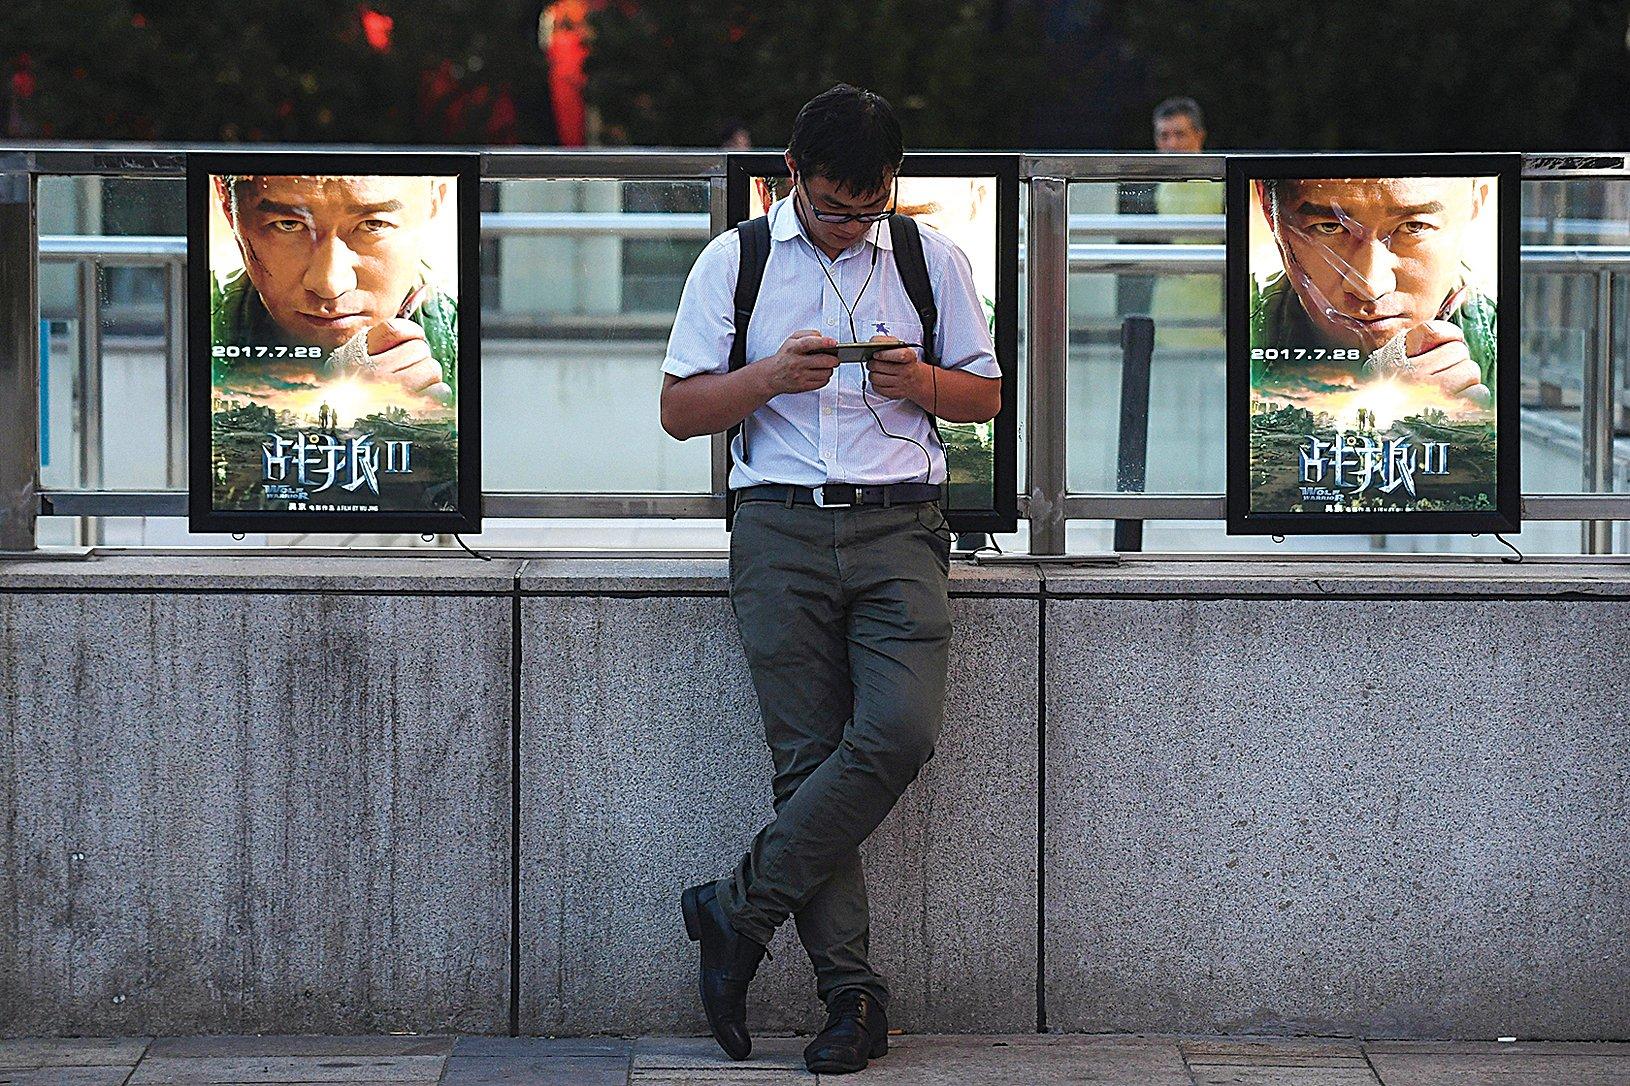 由大陸演員吳京主演與導演的《戰狼2》在中國大陸熱映,但片中的「愛國(黨)主義」論調卻引起網友兩邊倒的激烈對峙。(AFP)